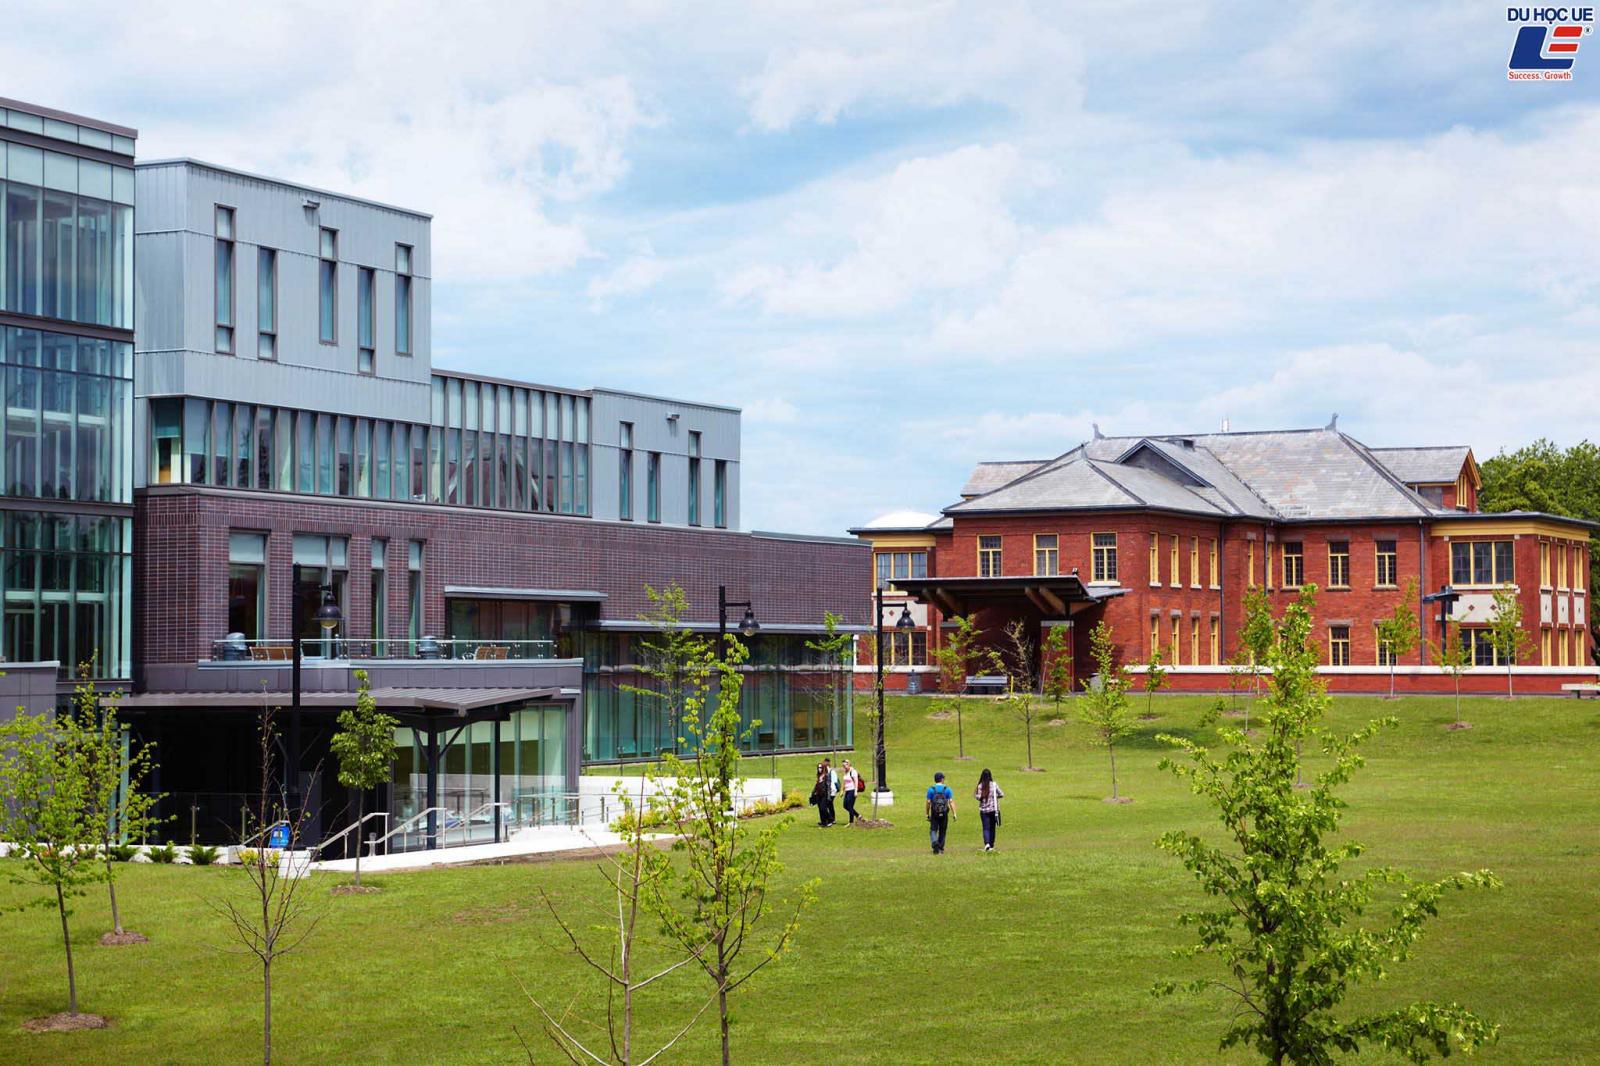 Vô vàn các suất học bổng hấp dẫn và phần thưởng dành cho sinh viên đăng ký tuyển sinh vào Humber College năm học 2020 - 2021 4